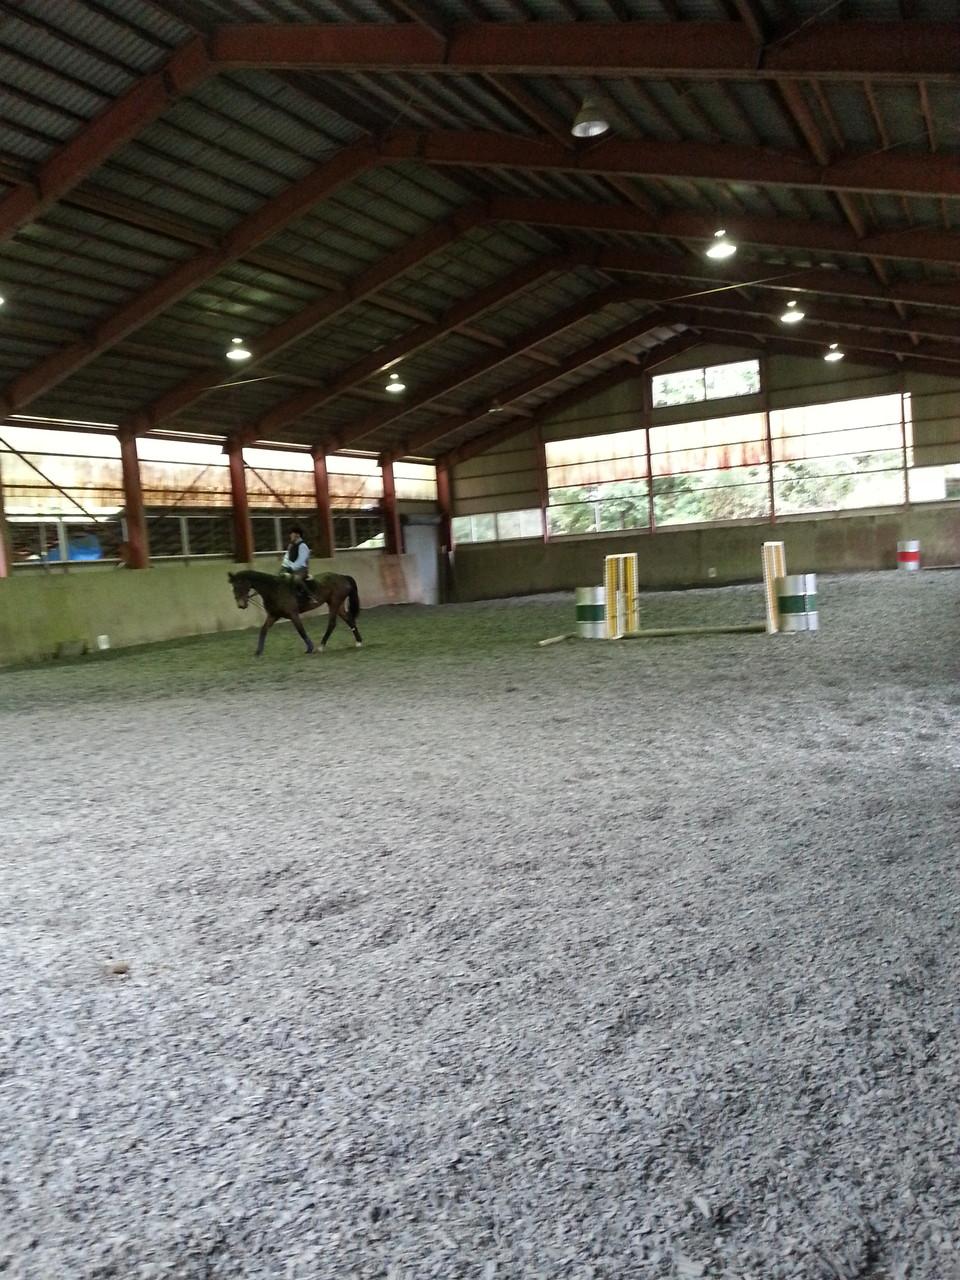 雨の日も乗馬いただける屋内馬場